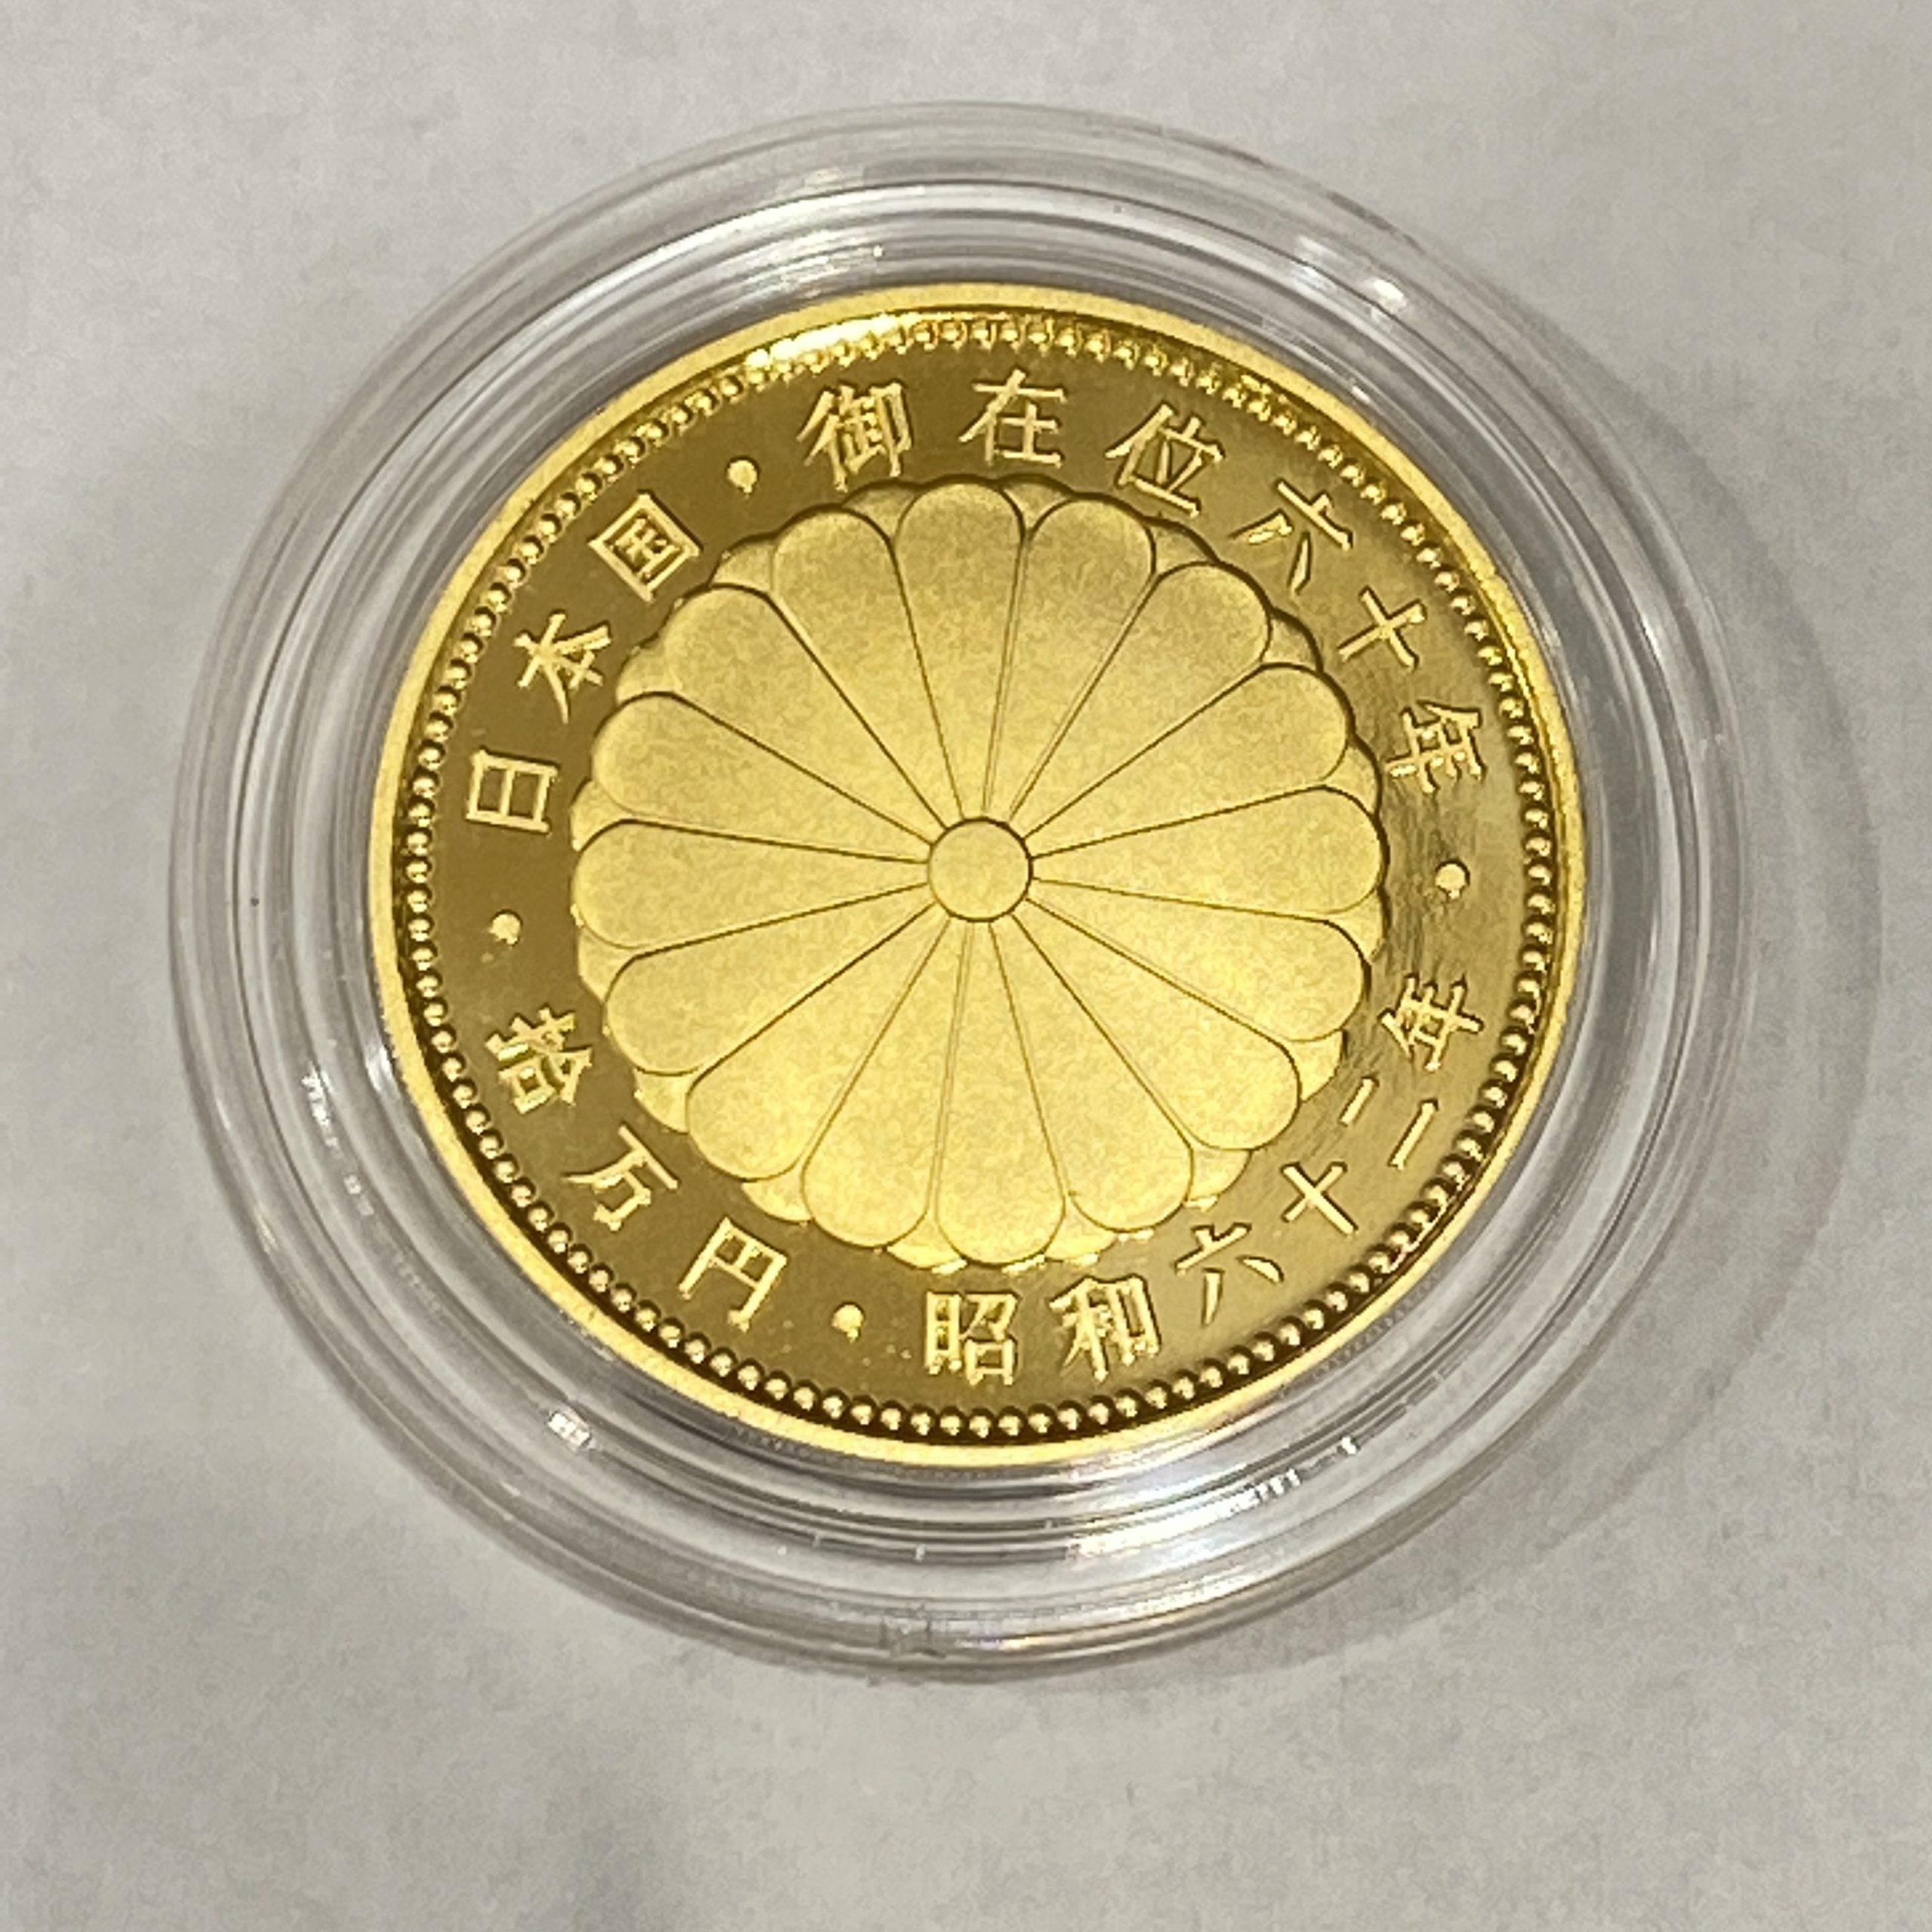 天皇御在位記念 10万円金貨